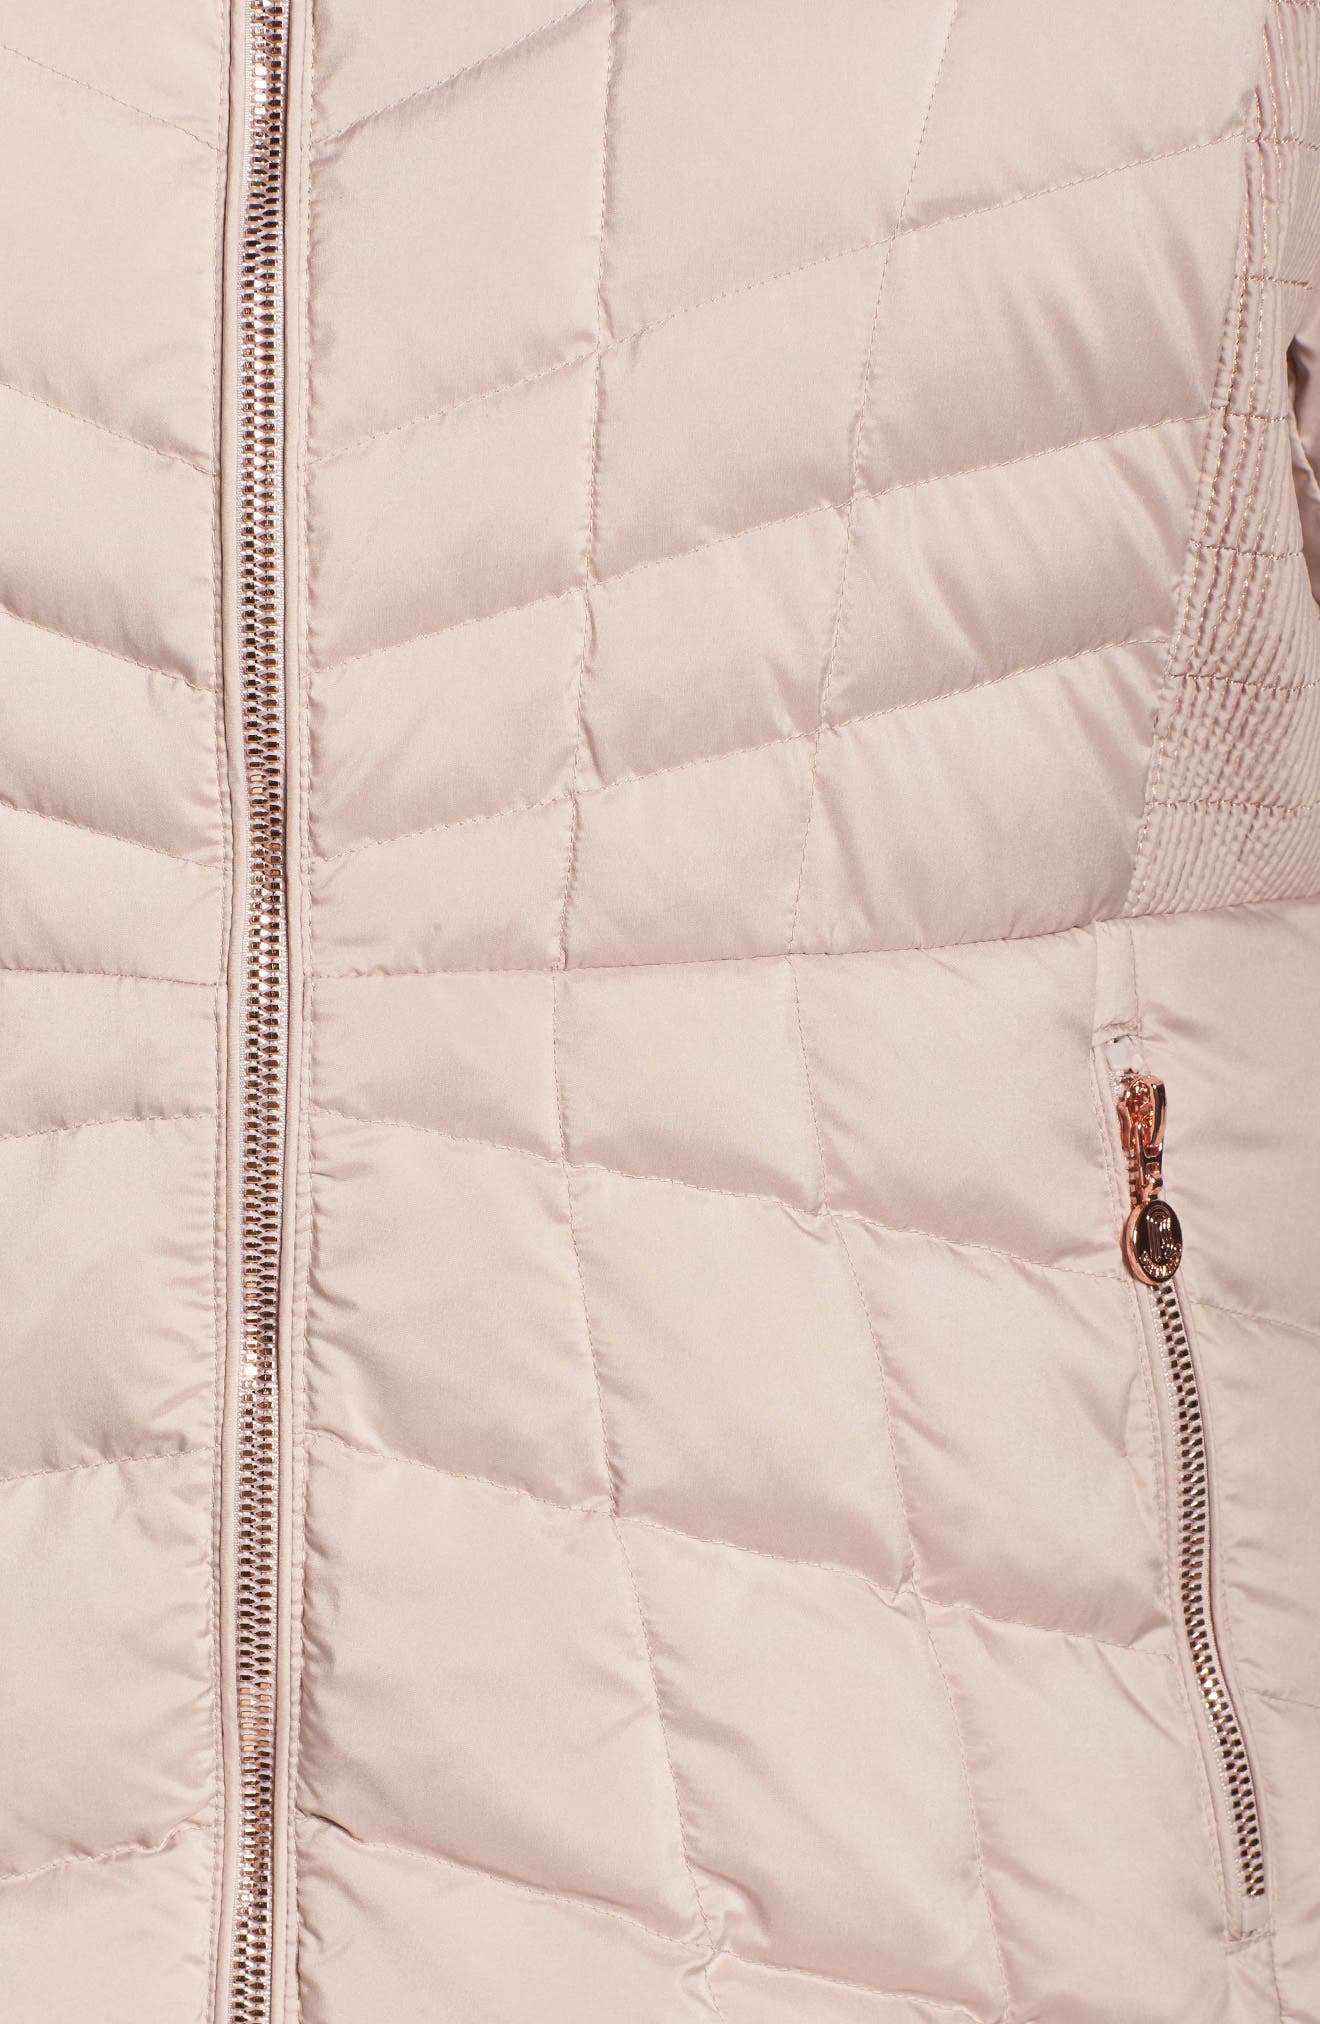 Packable Water Resistant Down & PrimaLoft<sup>®</sup> Coat,                             Alternate thumbnail 5, color,                             Petal Pink/ Snow Leopard